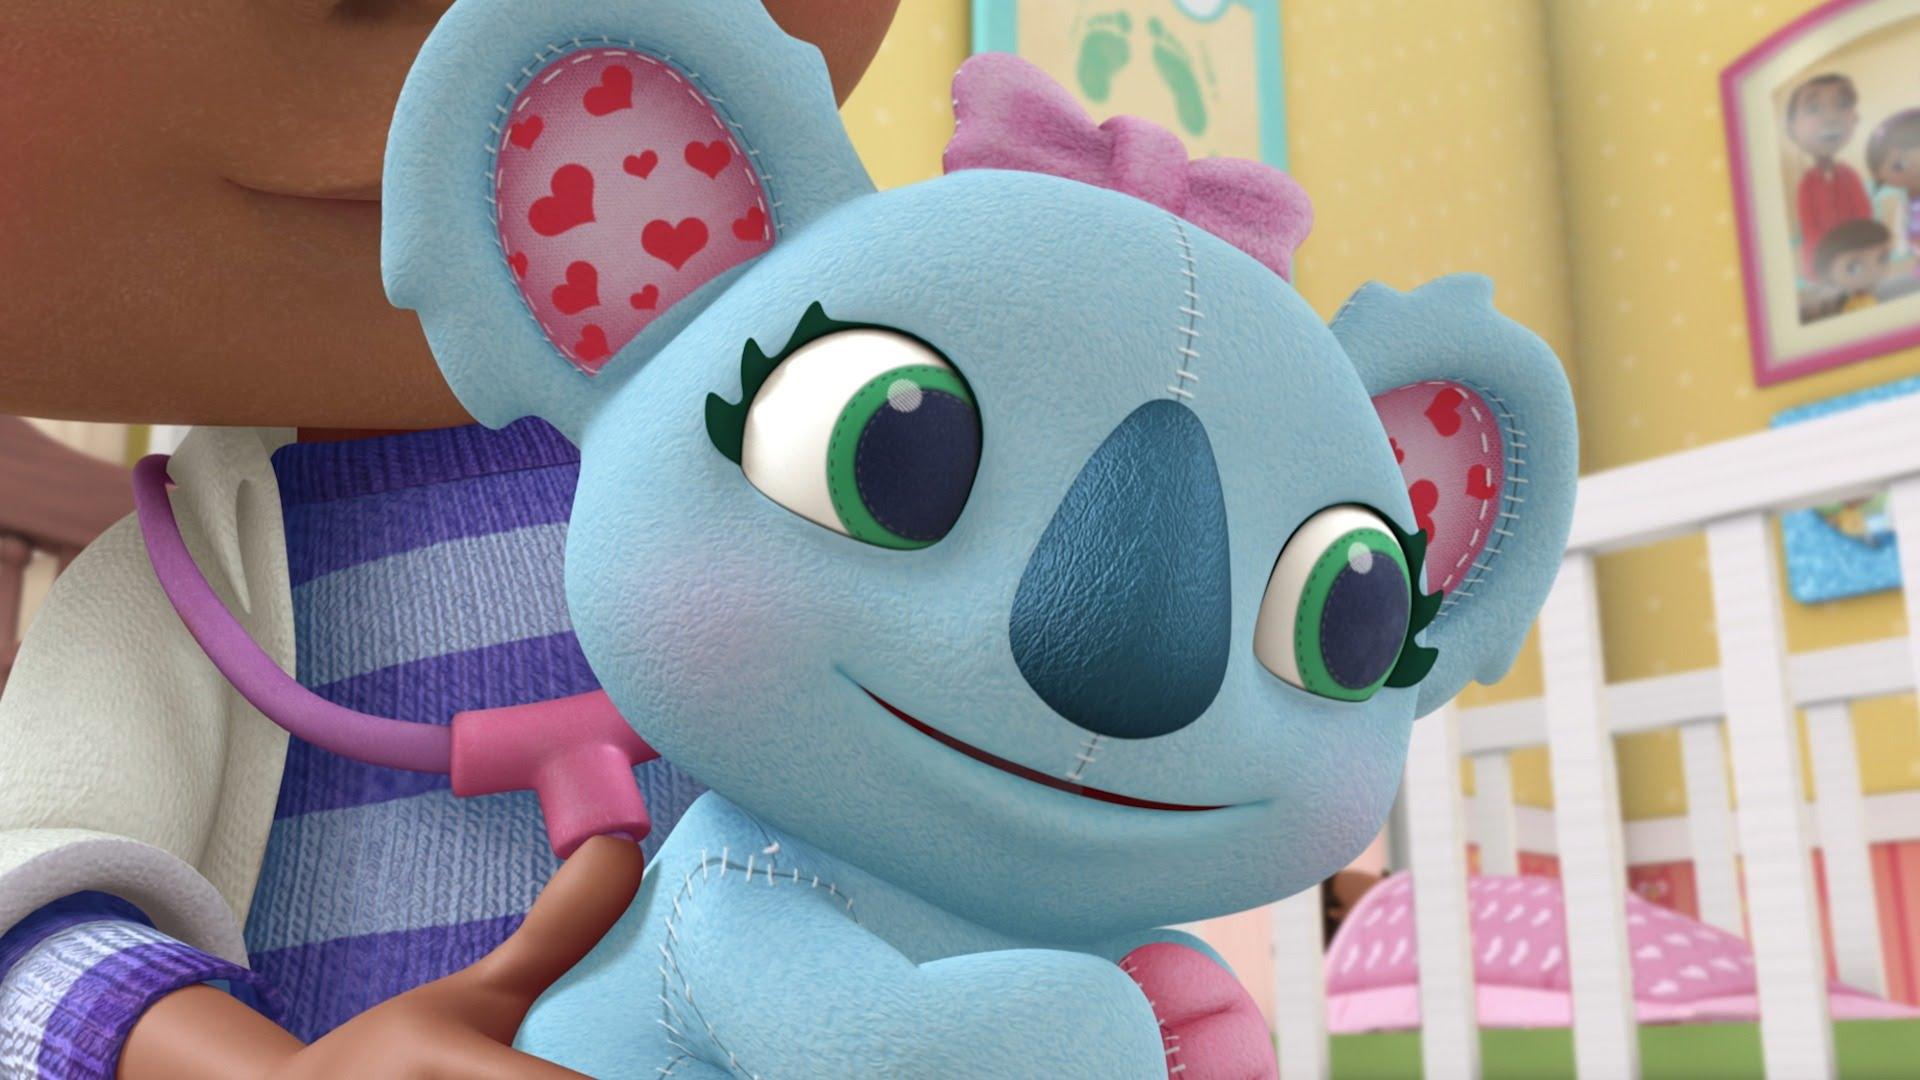 Lala the Koala